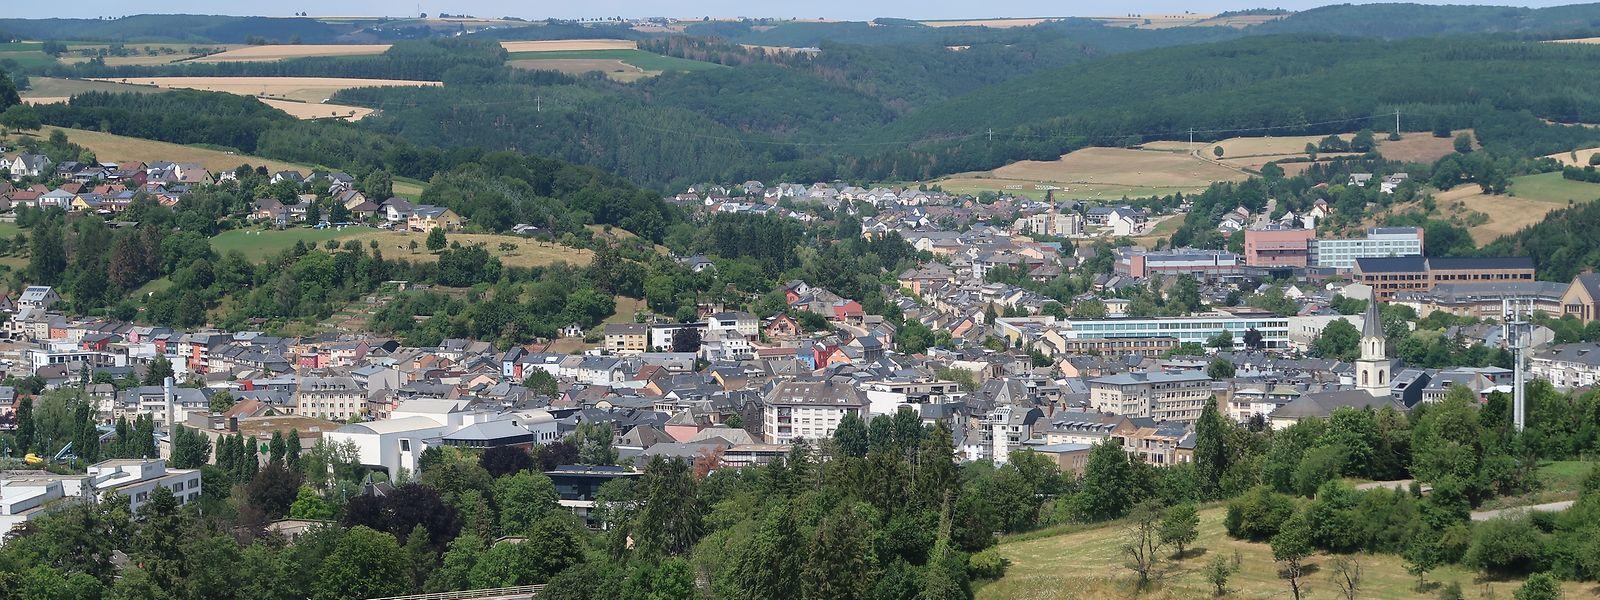 Von oben betrachtet sind die Grenzen längst verschwommen: Die Gemeinden Schieren, Ettelbrück, Erpeldingen/Sauer, Diekirch und Bettendorf bilden zu großen Teilen eine zusammenhängende urbane Agglomeration, die insgesamt rund 24.000 Einwohner umfasst.